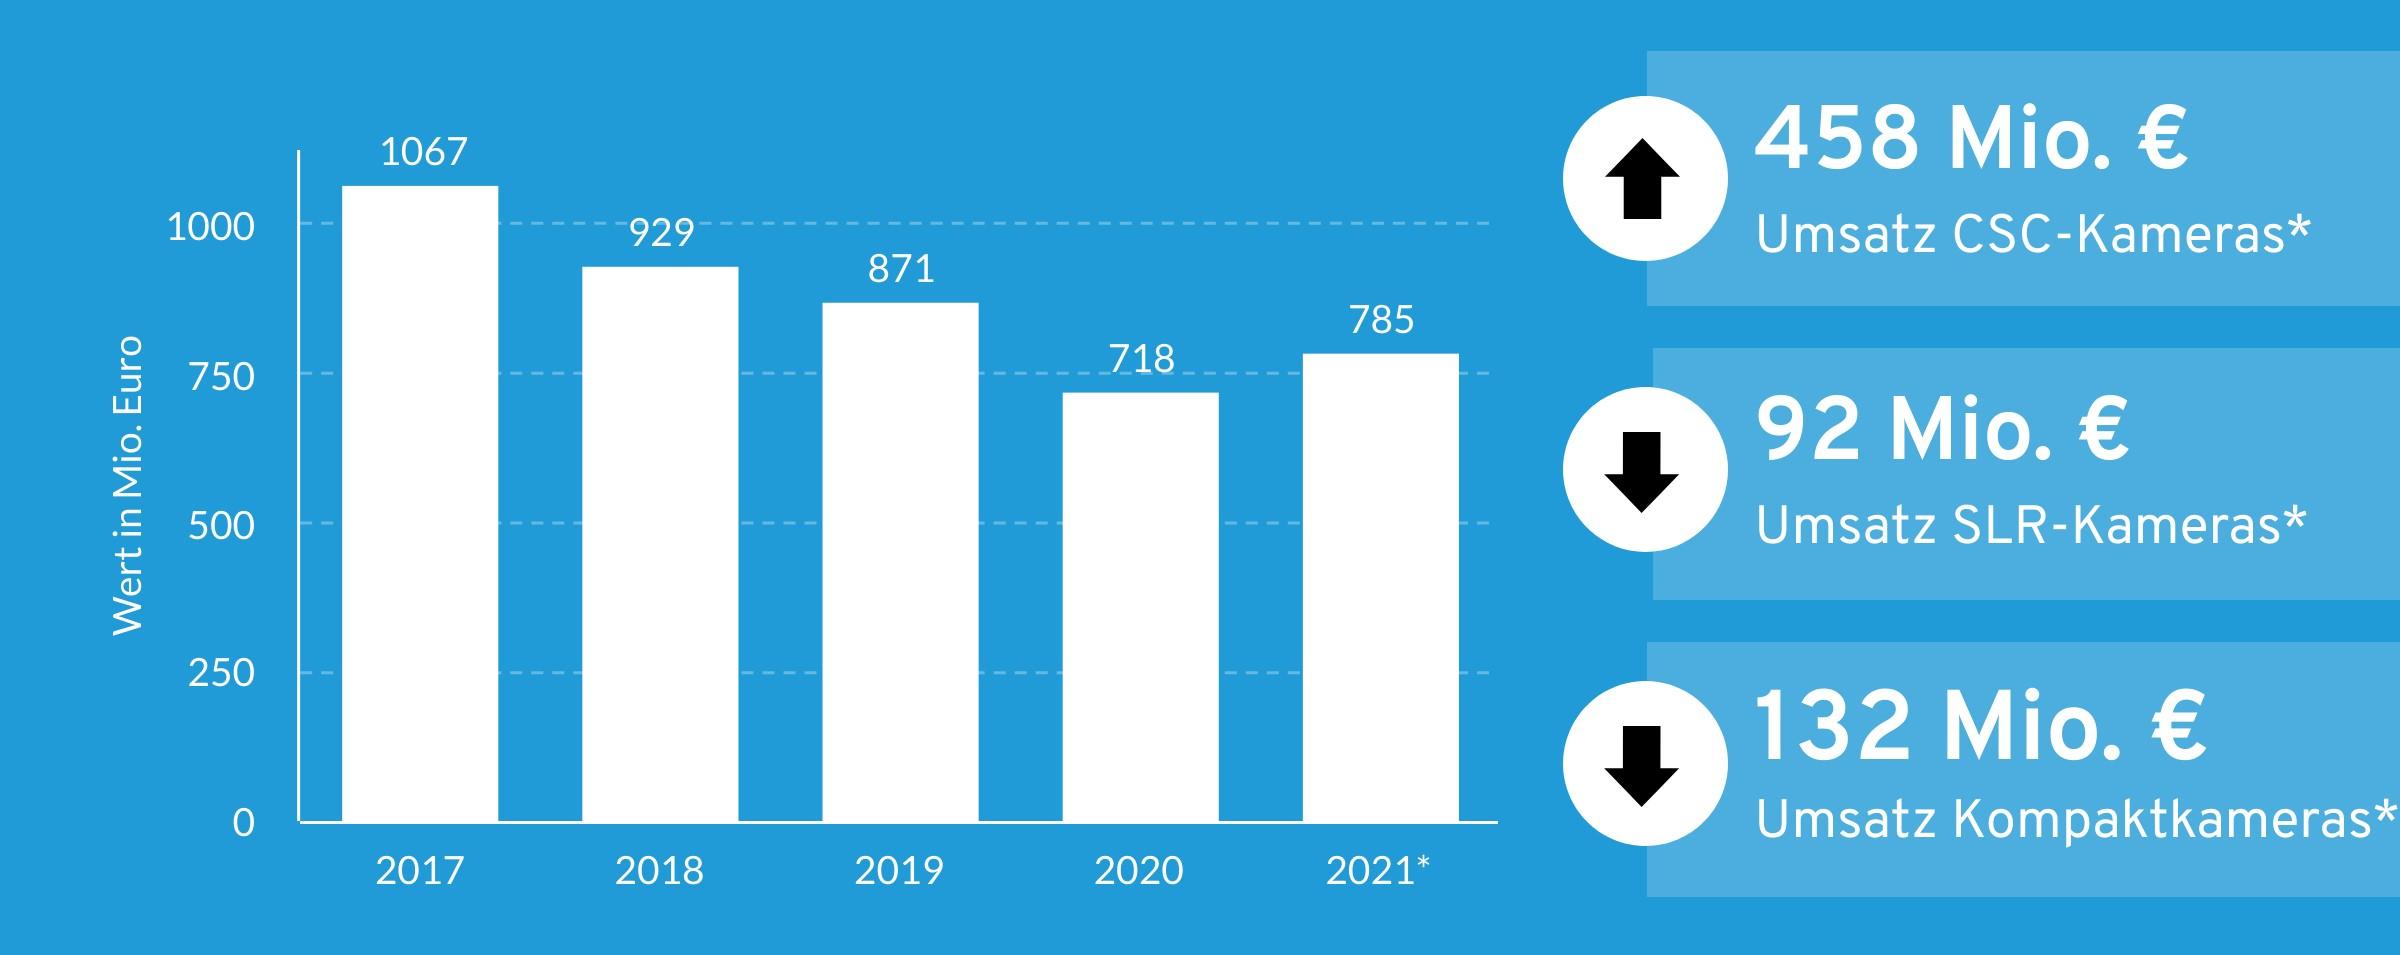 Umsatzentwicklung im Imaging-Markt 2021